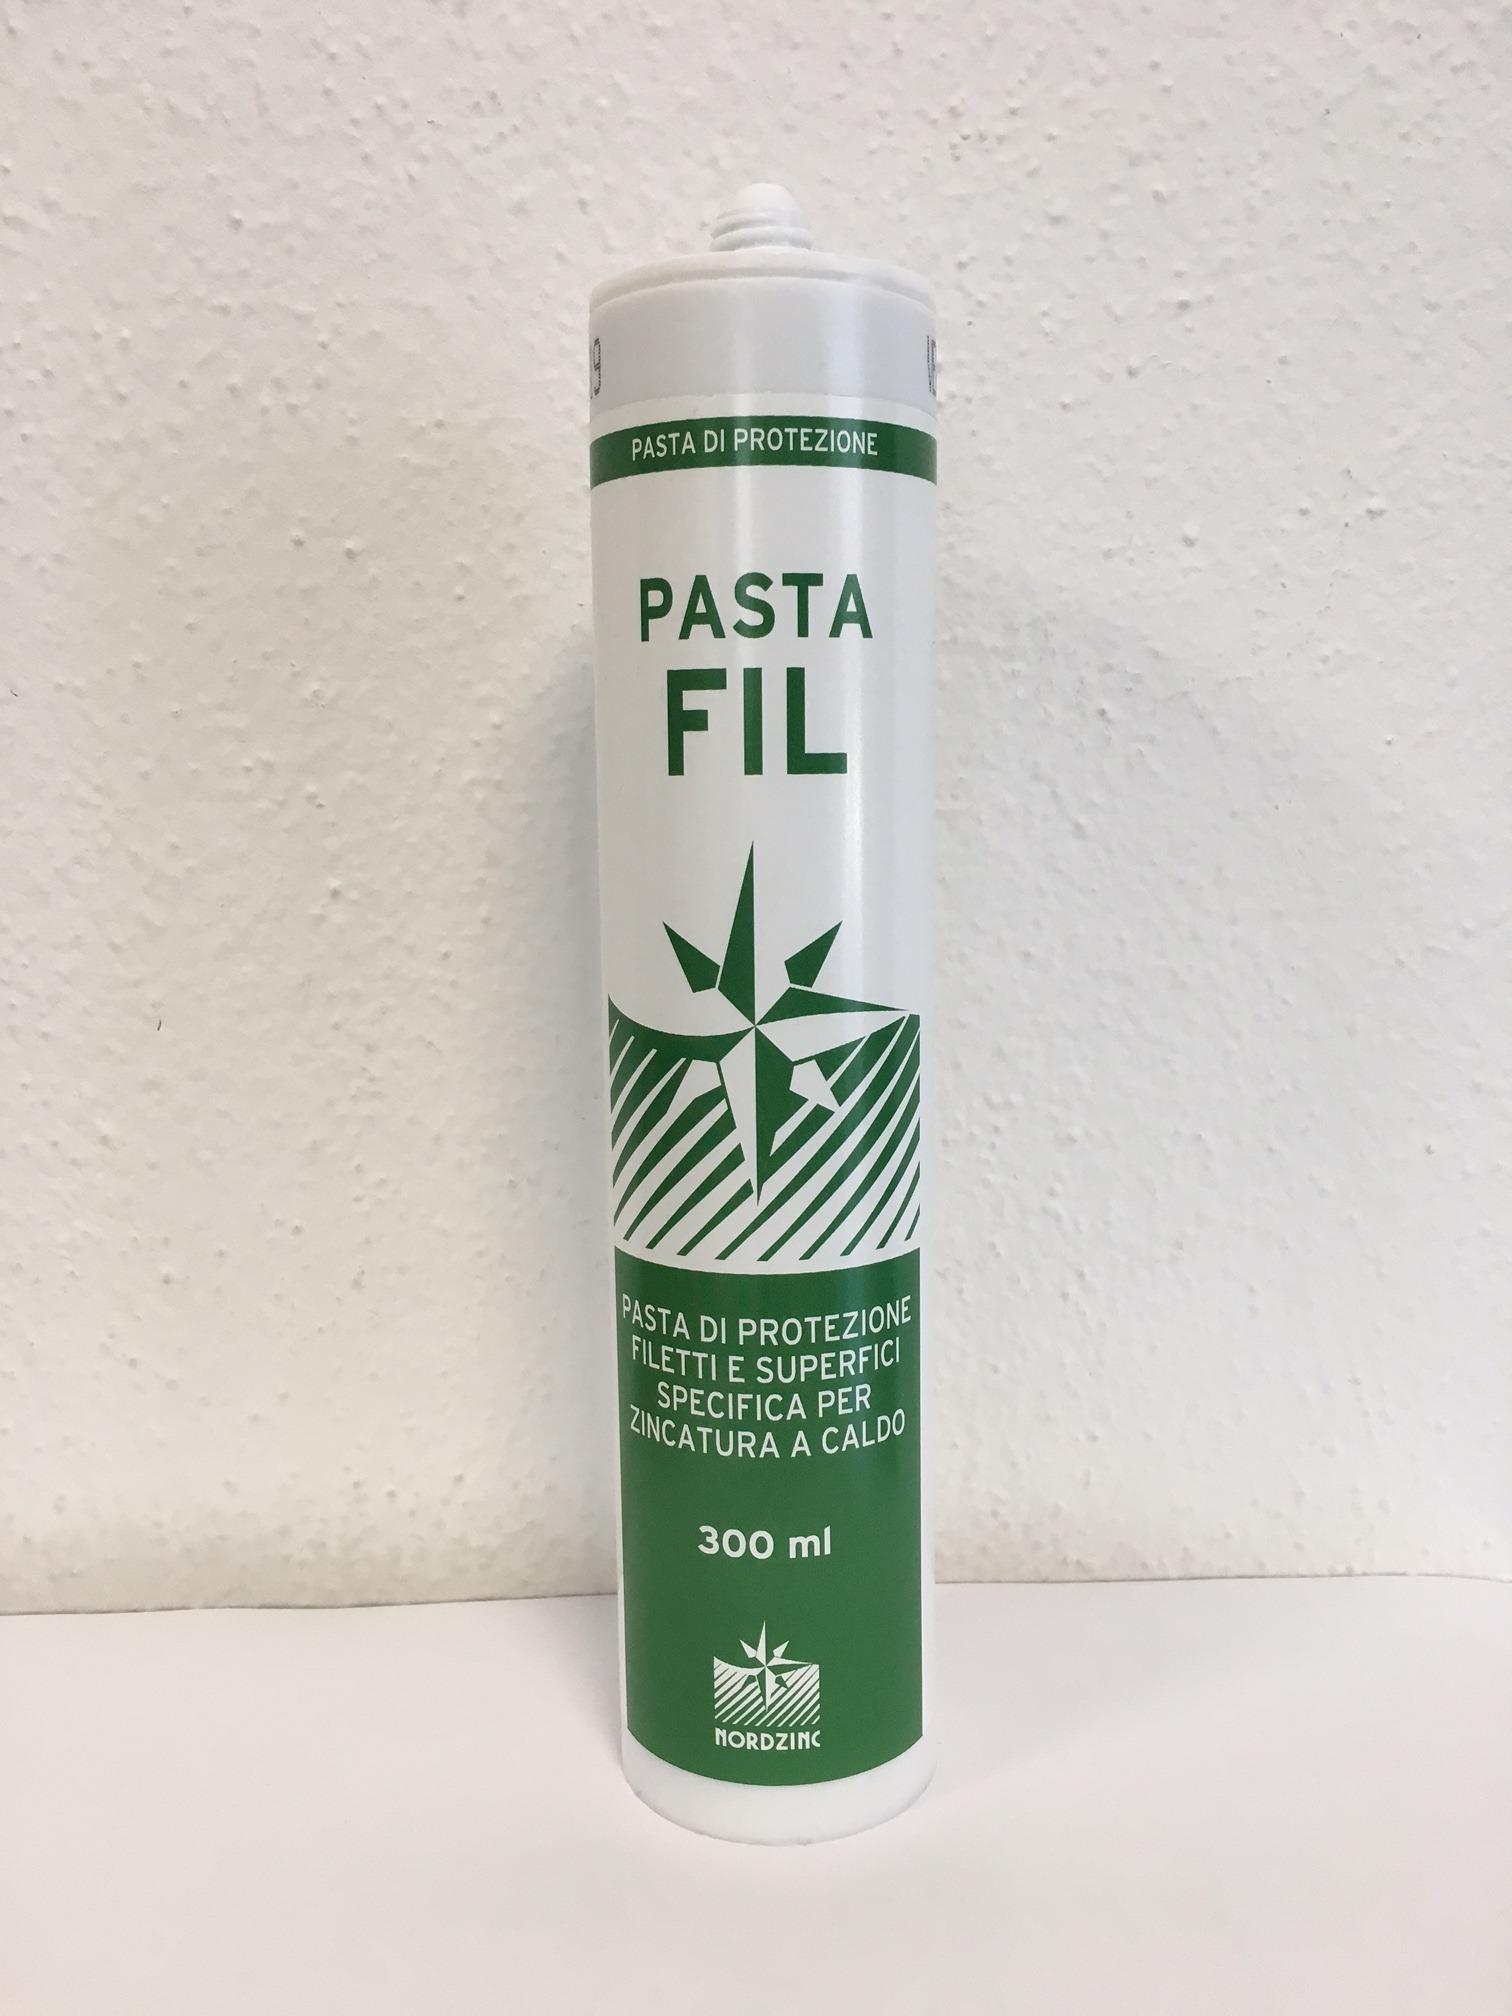 Pasta protezione filetti zincatura